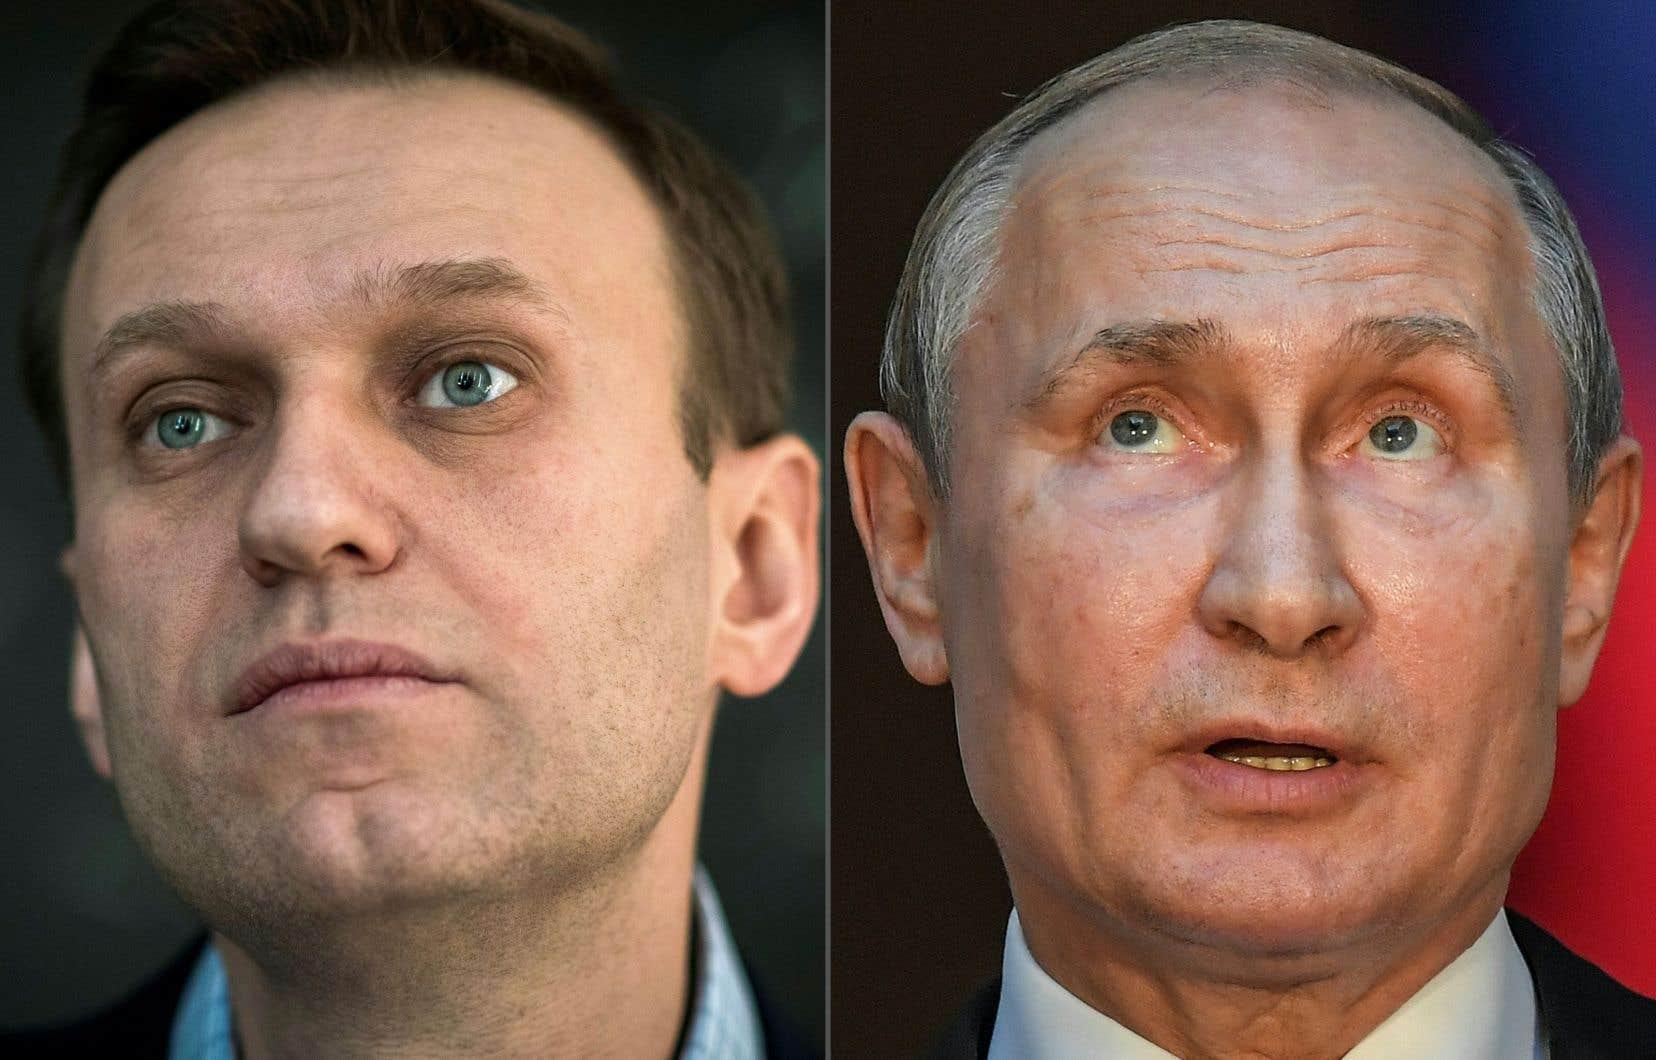 «J'affirme que Poutine est derrière cet acte, je ne vois pas d'autres explications», a affirmé Alexeï Navalny à l'hebdomadaire allemandDer Spiegel.